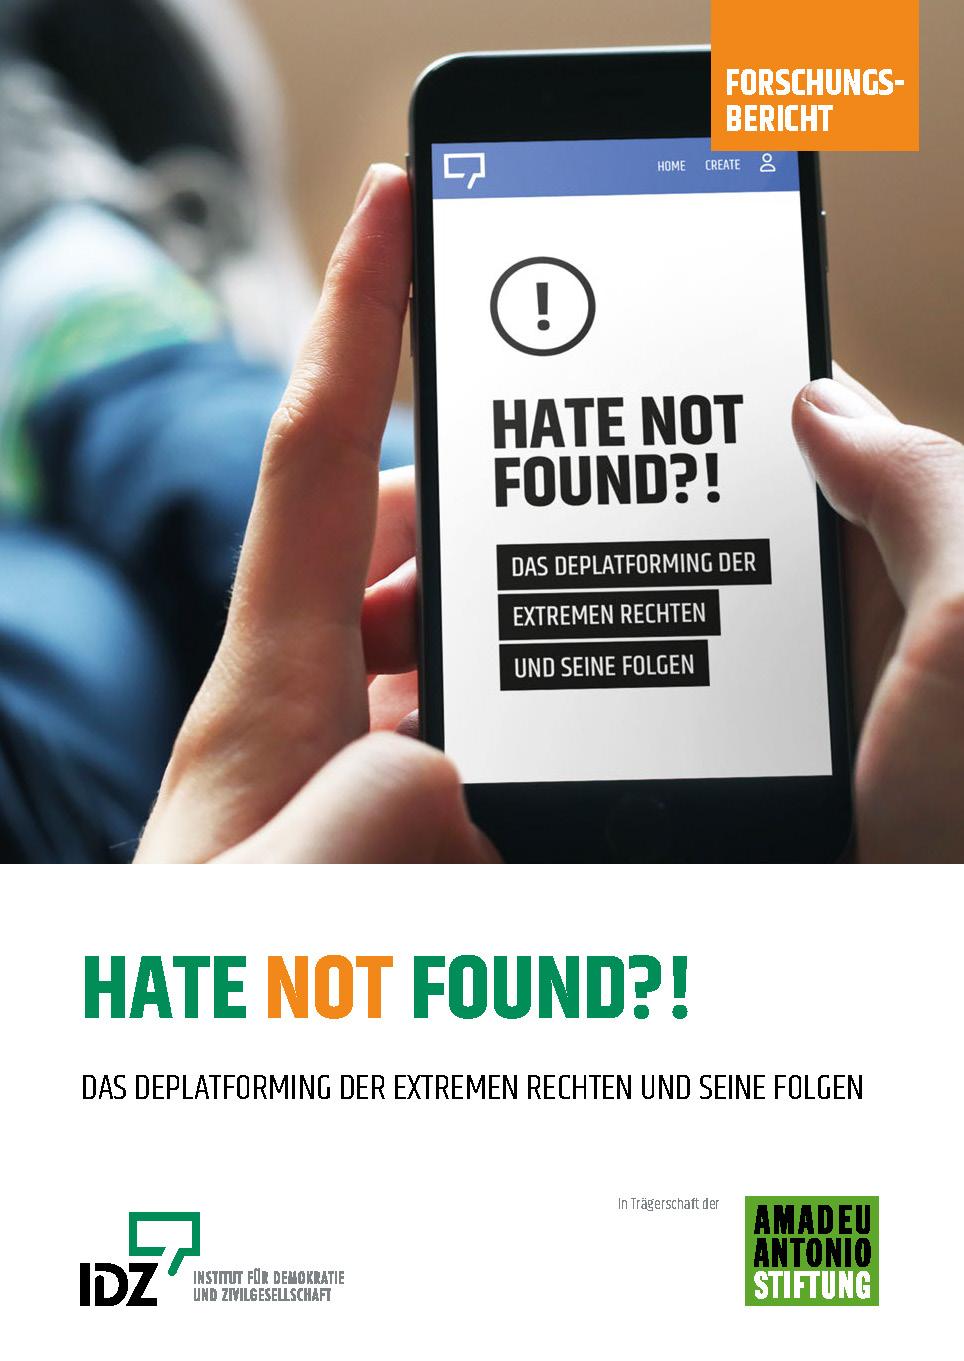 Forschungsbericht Deplatforming Hate not found Institut für Demokratie und Zivilgesellschaft